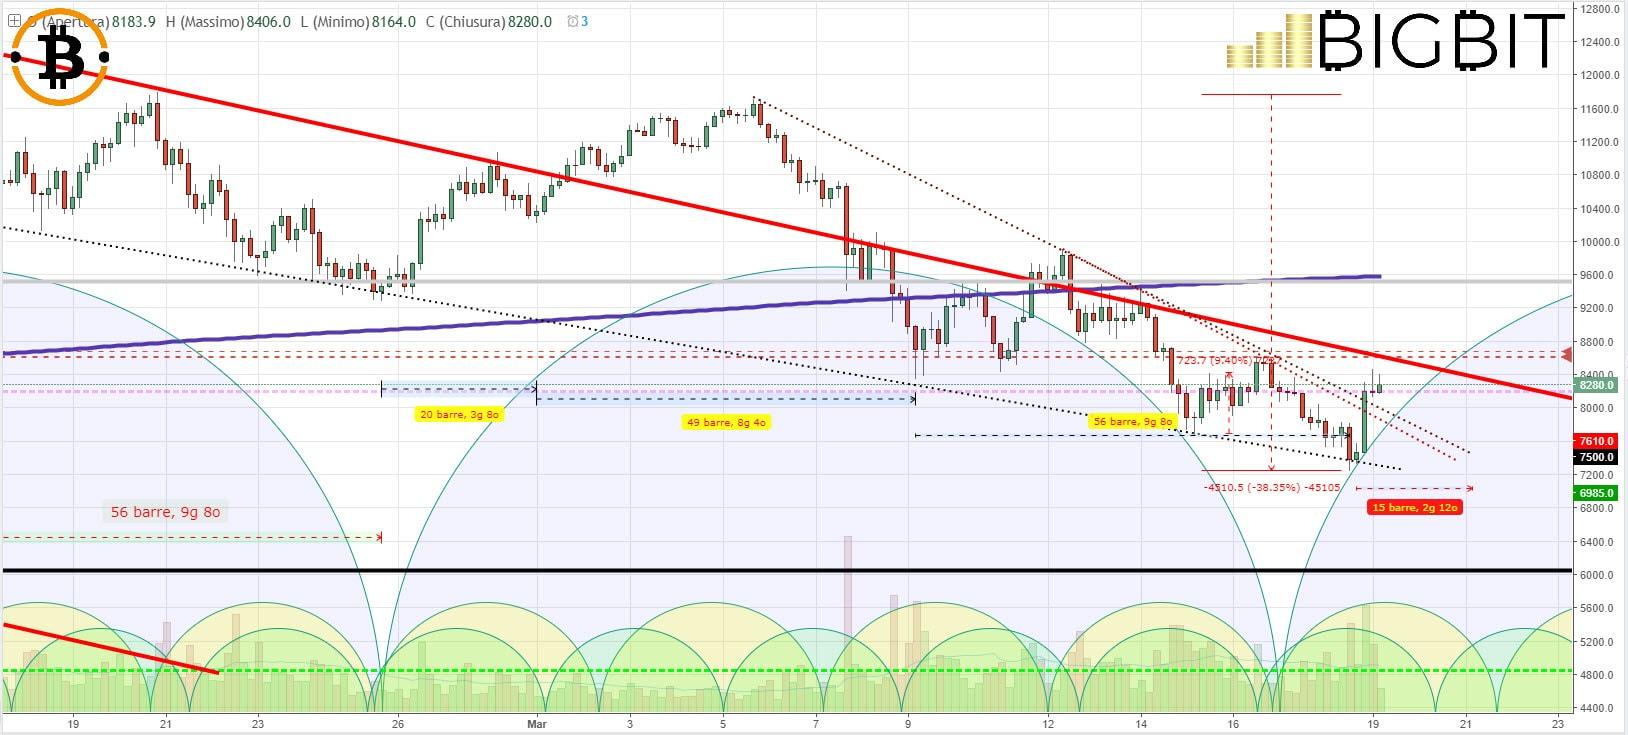 analisi prezzo bitcoin btc 18 marzo 2018